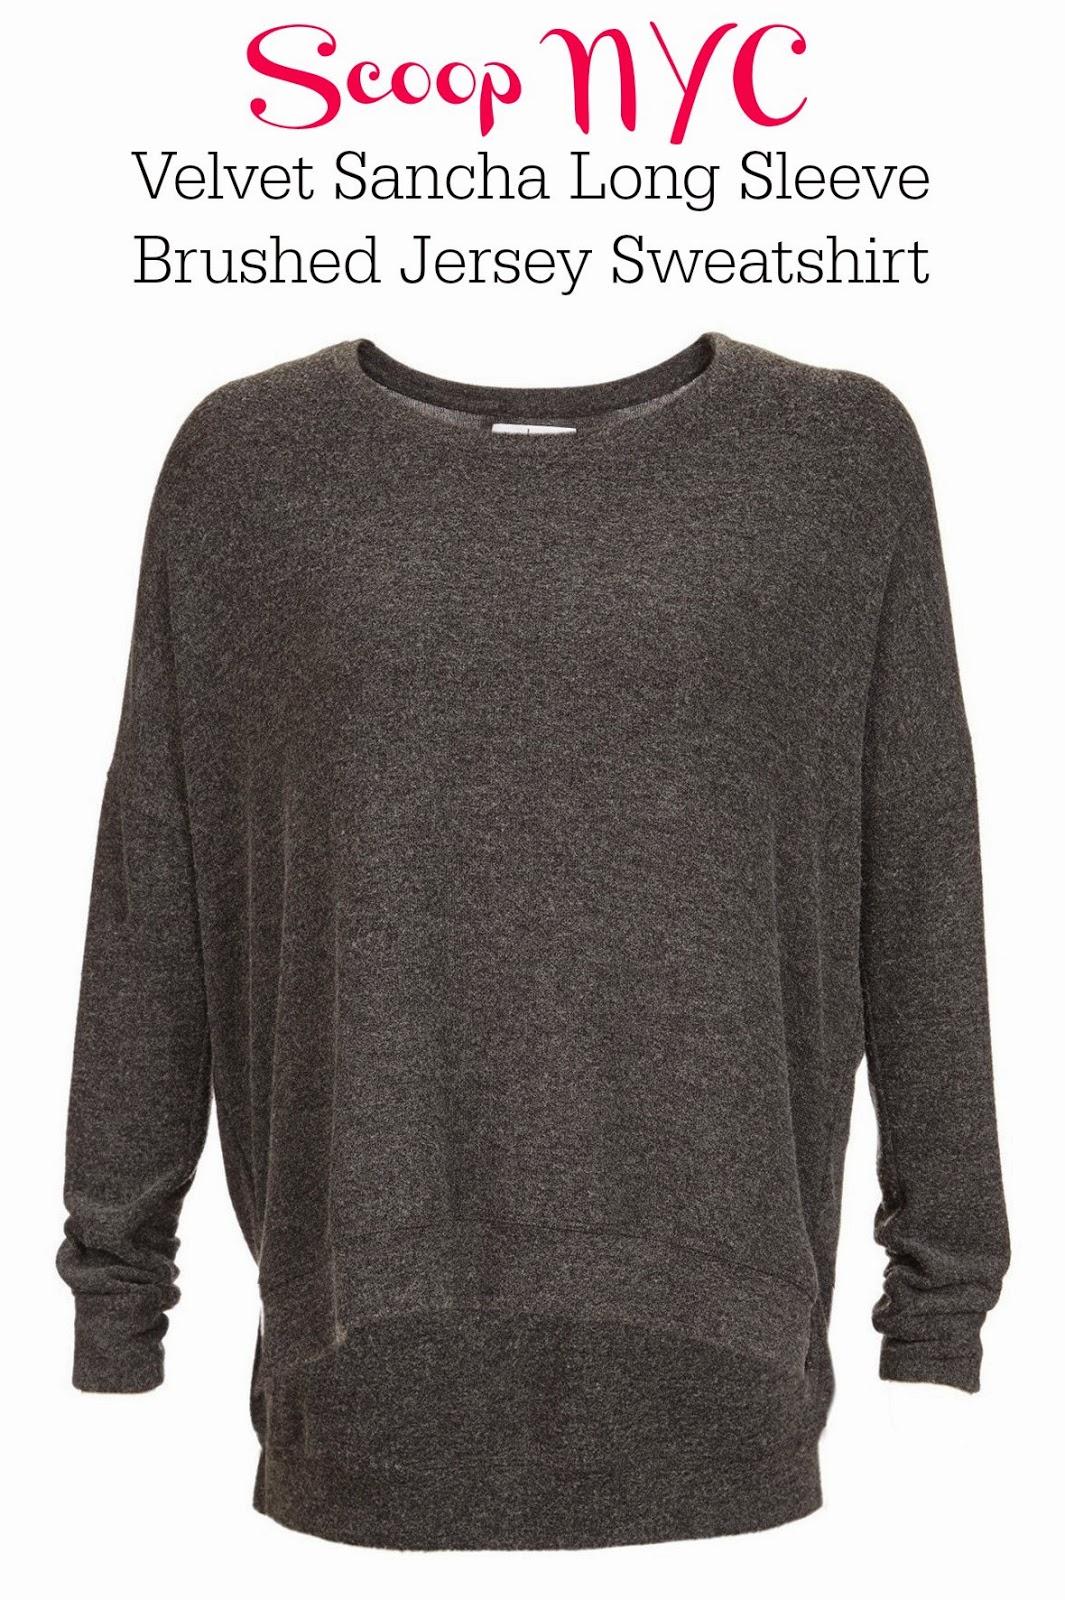 Velvet Sancha sweatshirt